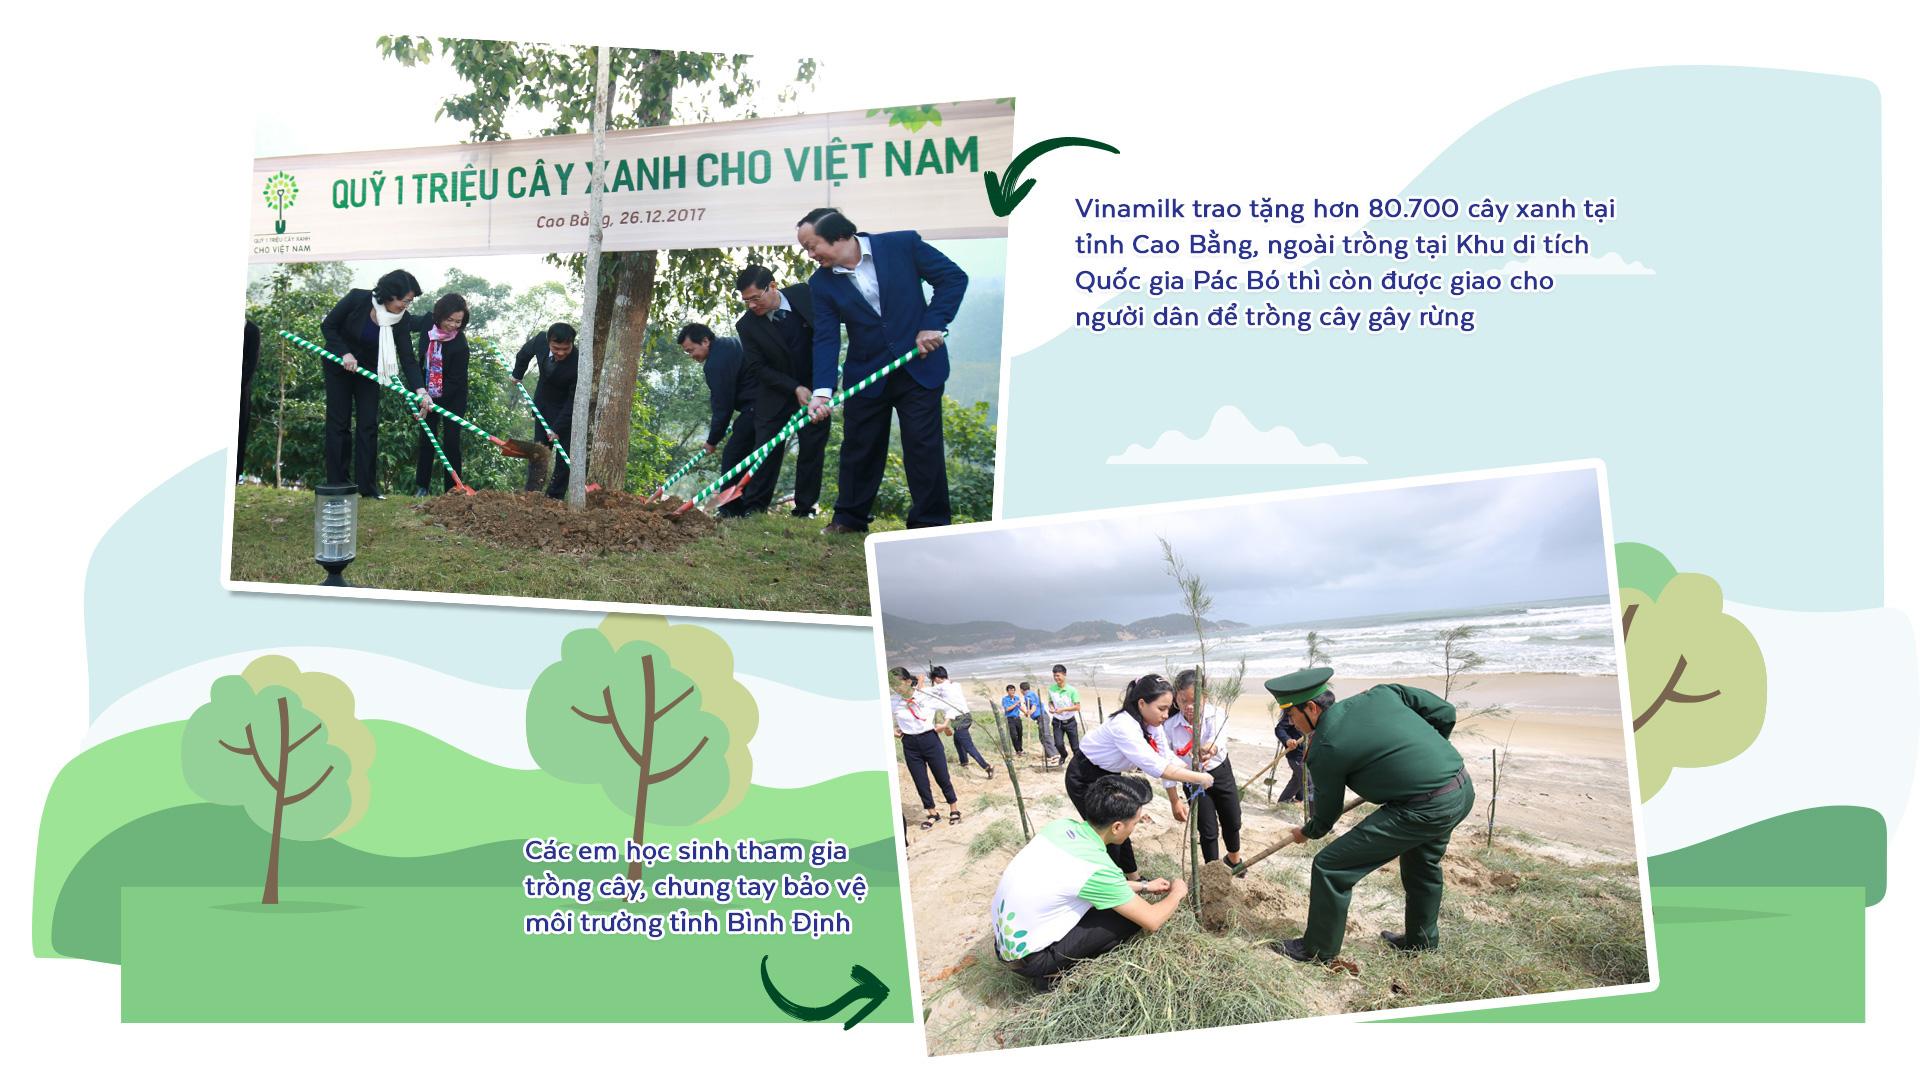 Triệu cây vươn cao - Hành trình xanh khởi đầu tương lai xanh - Ảnh 9.